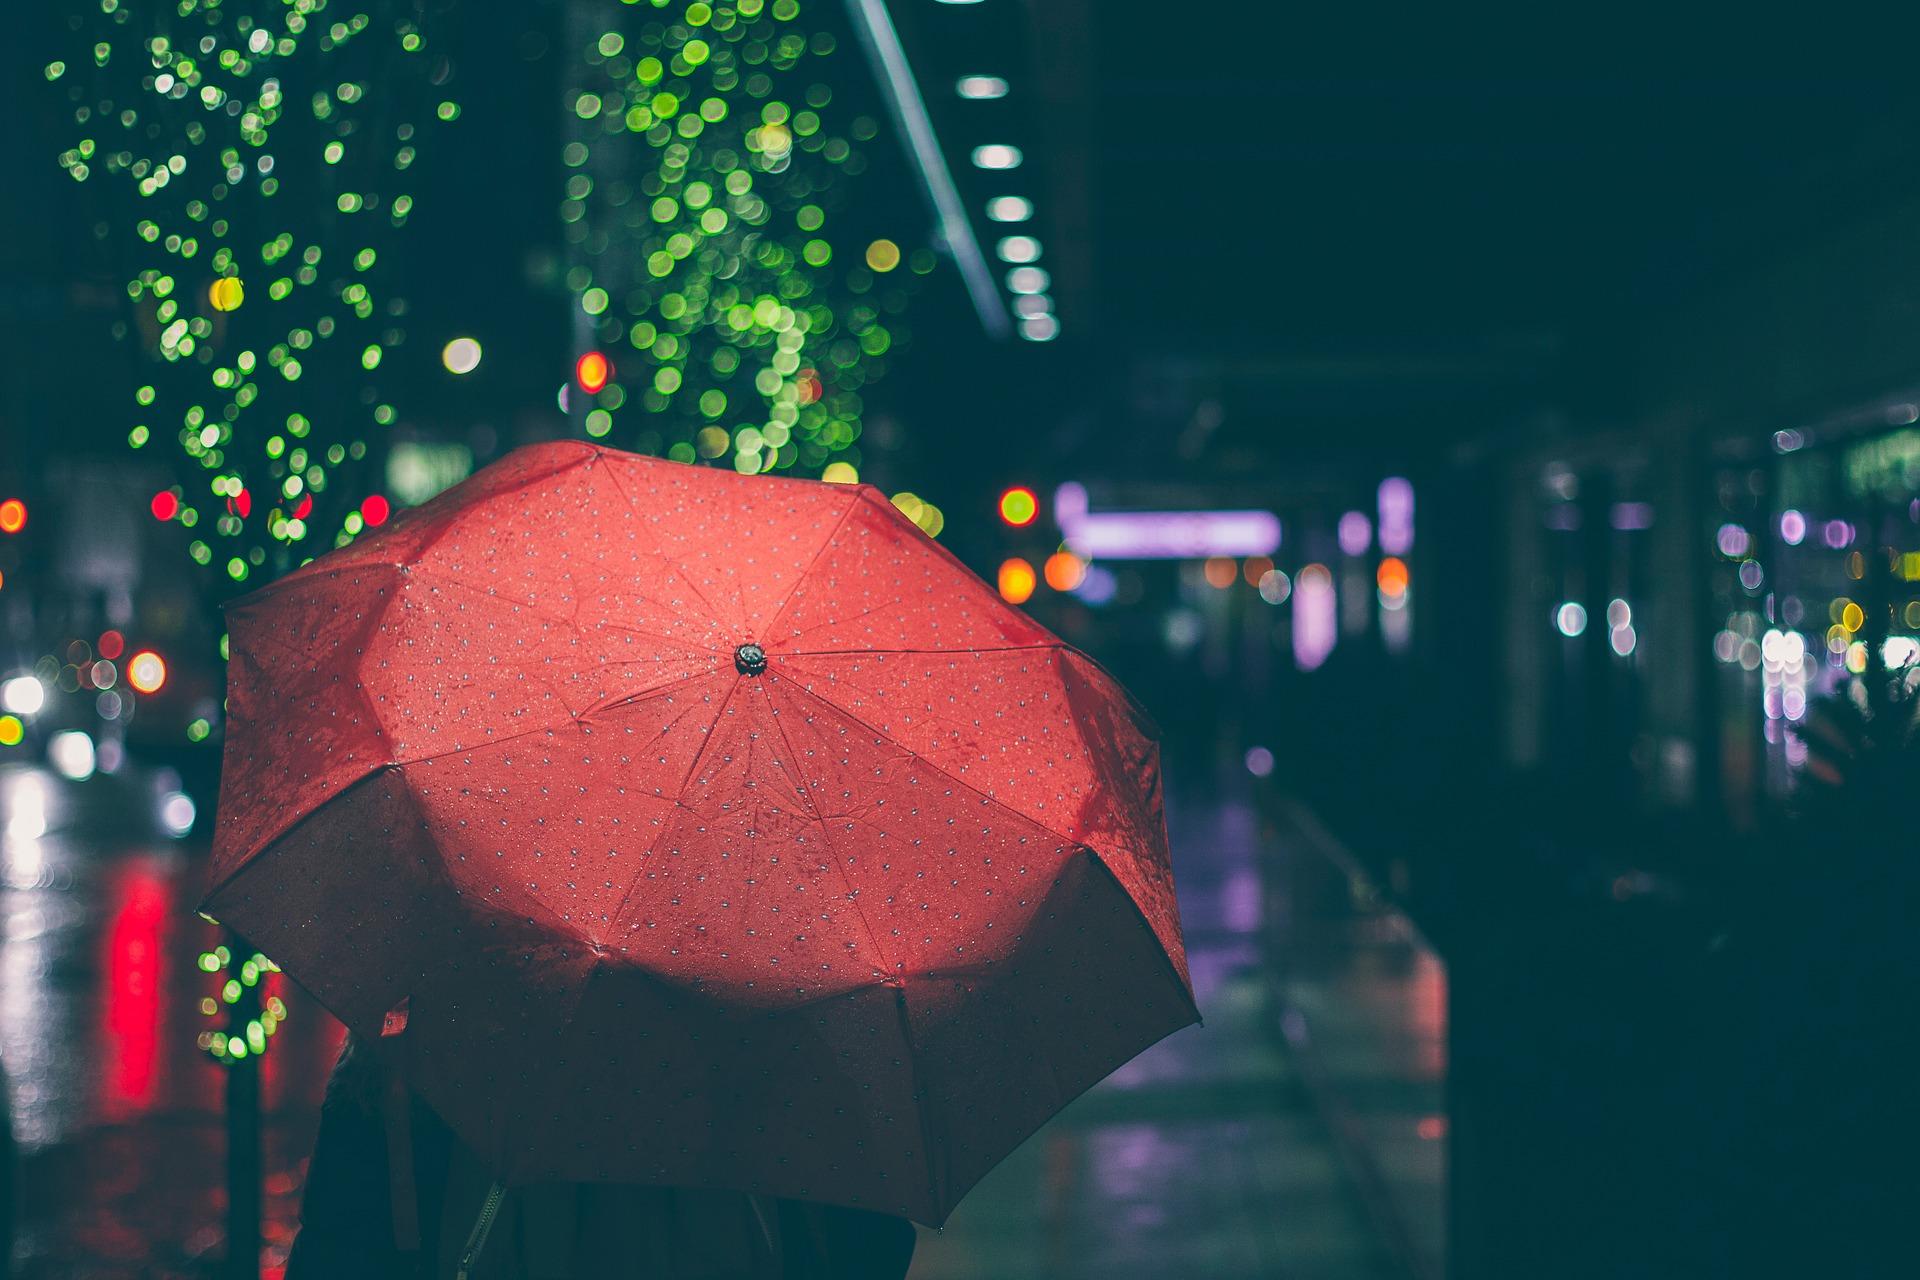 3. 怎麼拍都跟心情一樣灰濛濛下著雨的天空 大膽的裁掉吧!留下色彩讓心情up up up!